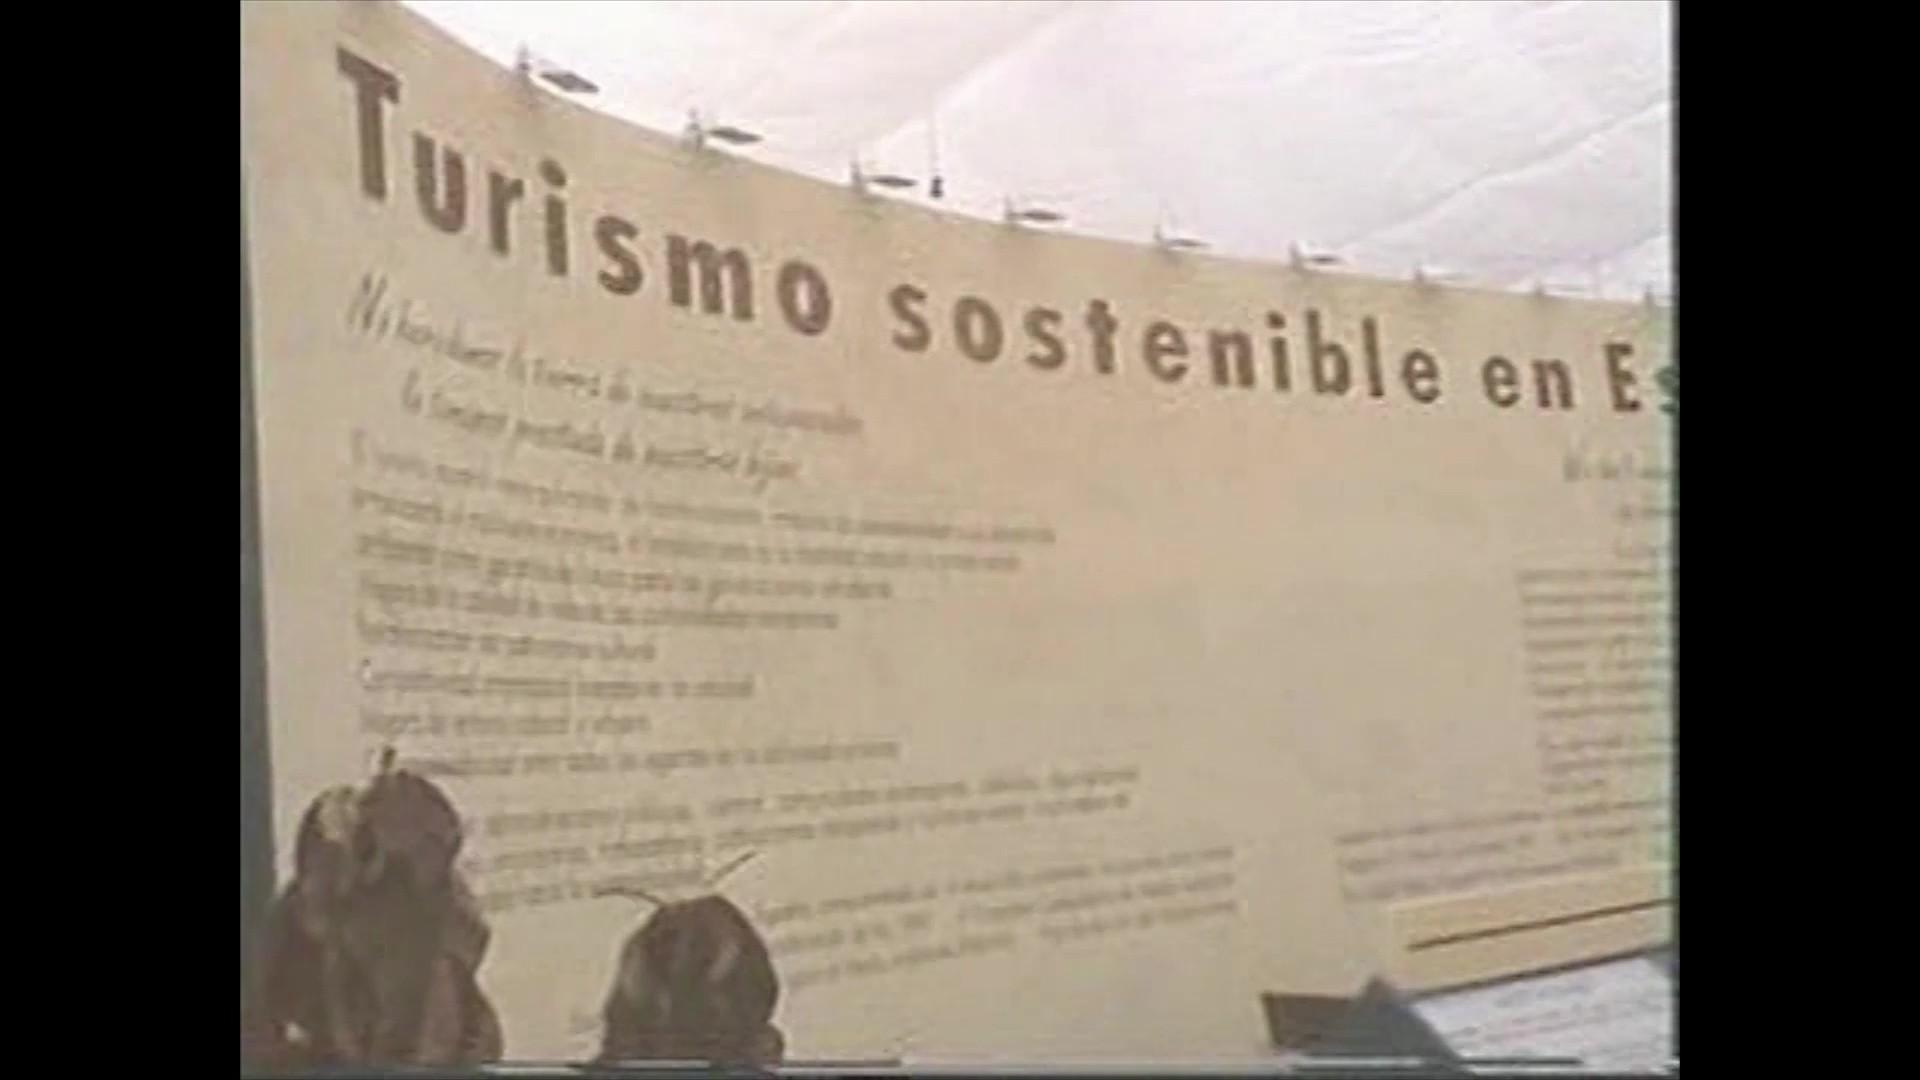 Turismo sostenible (1995)